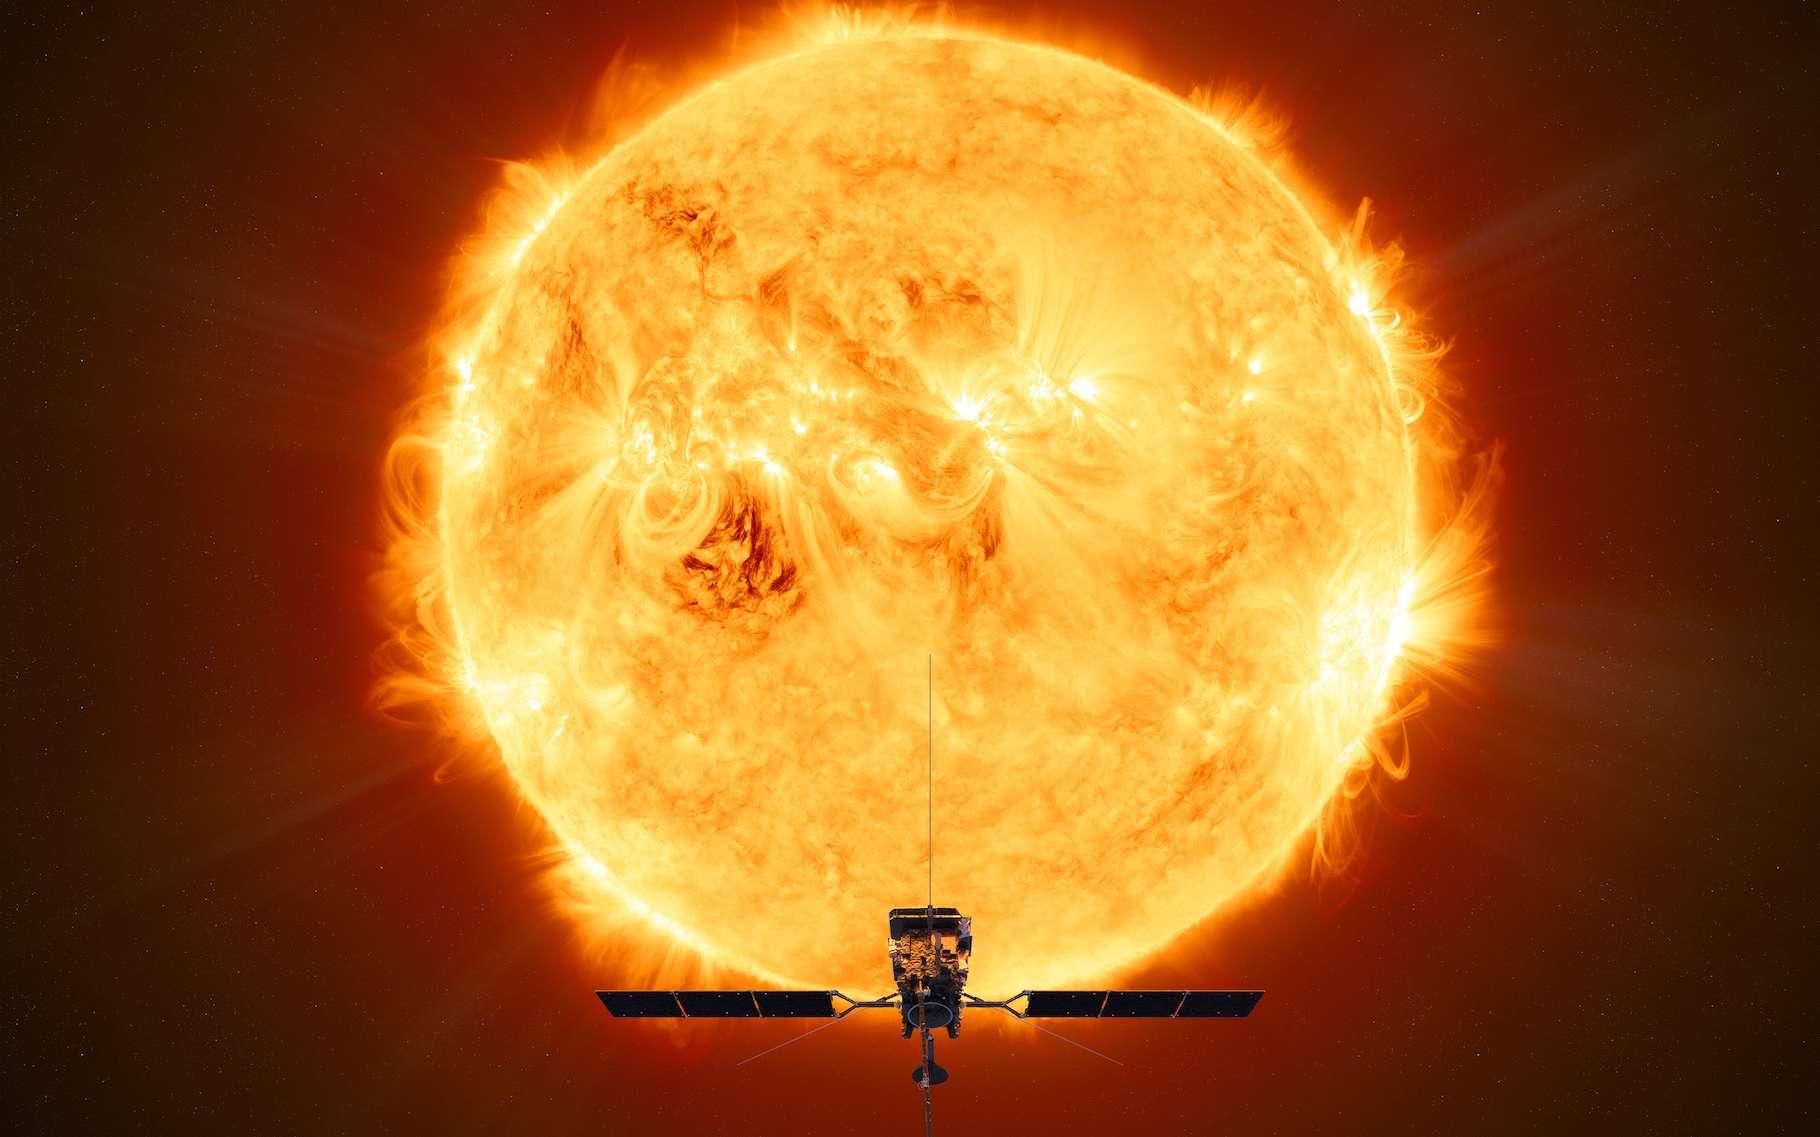 Des données recueillies par la mission Solar Orbiter ont permis à des chercheurs de développer des modèles qui montrent que des reconnexions se produisant au niveau de « feux de camp » à la surface du Soleil pourraient expliquer le chauffage de la couronne solaire. © ATG medialab, ESA